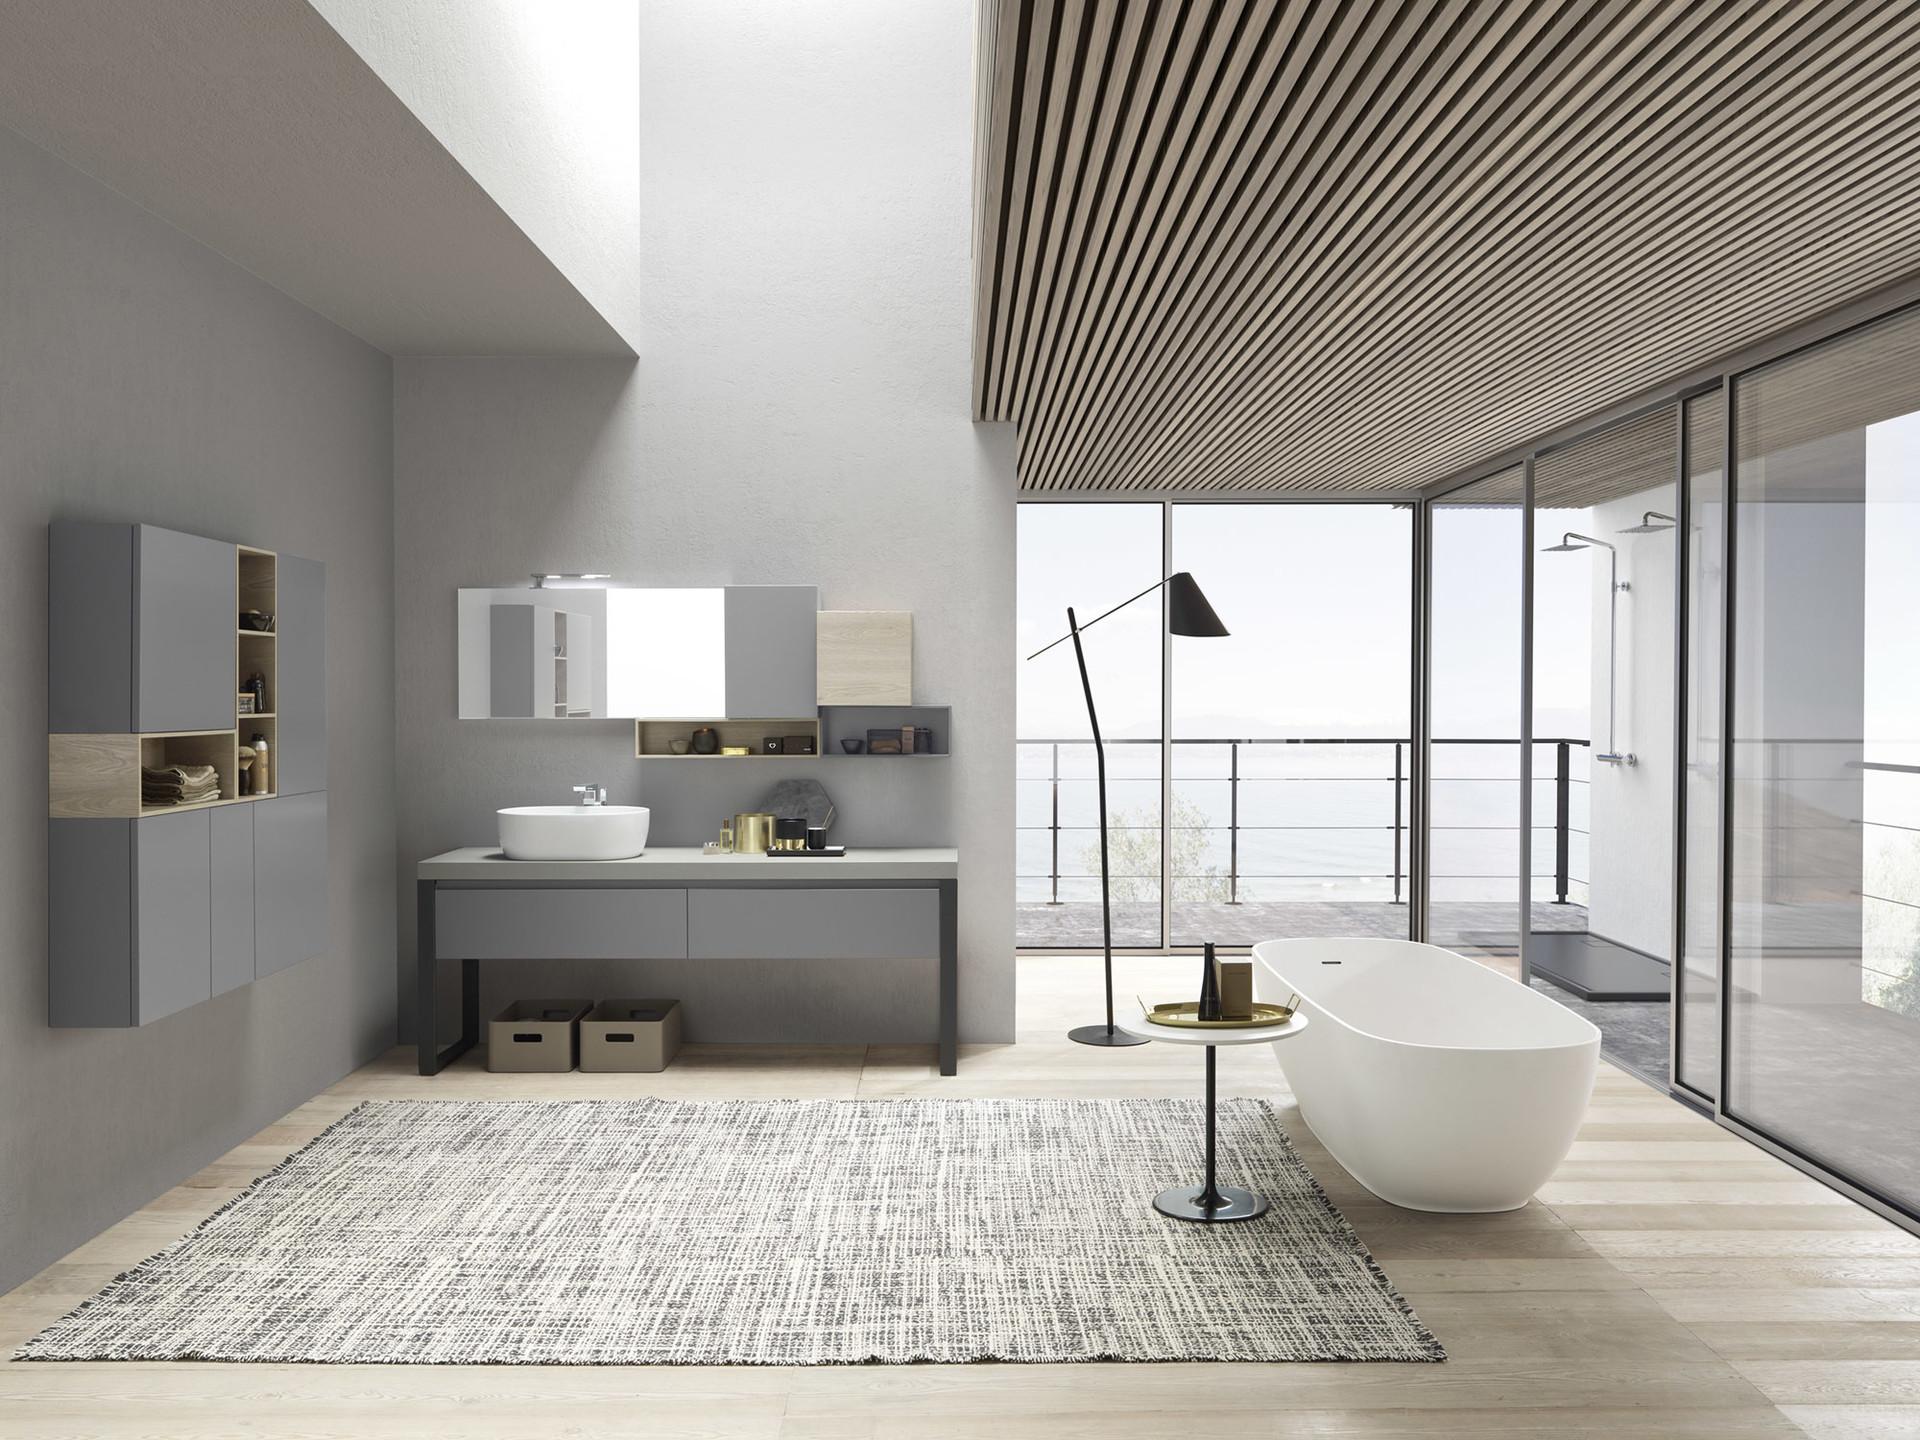 Miroir lumineux pour une salle de bain design - Intermaison